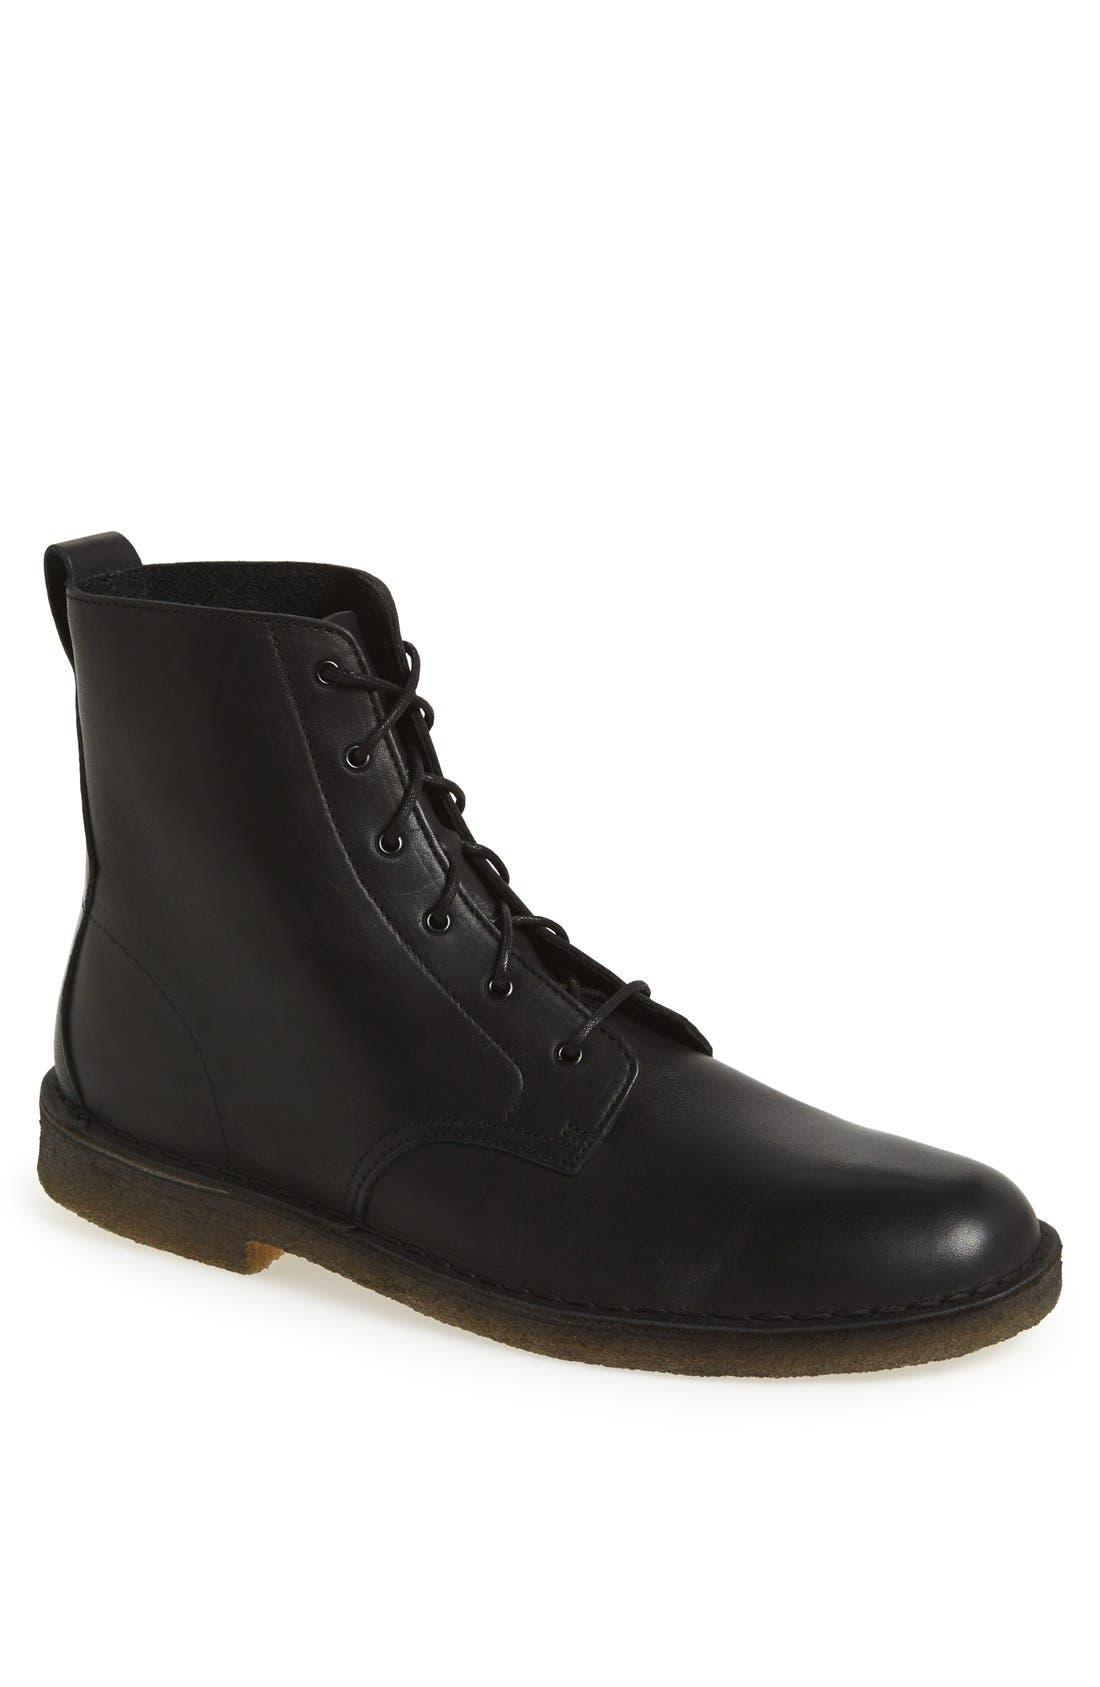 Alternate Image 1 Selected - Clarks 'Desert Mali' Plain Boot (Men)